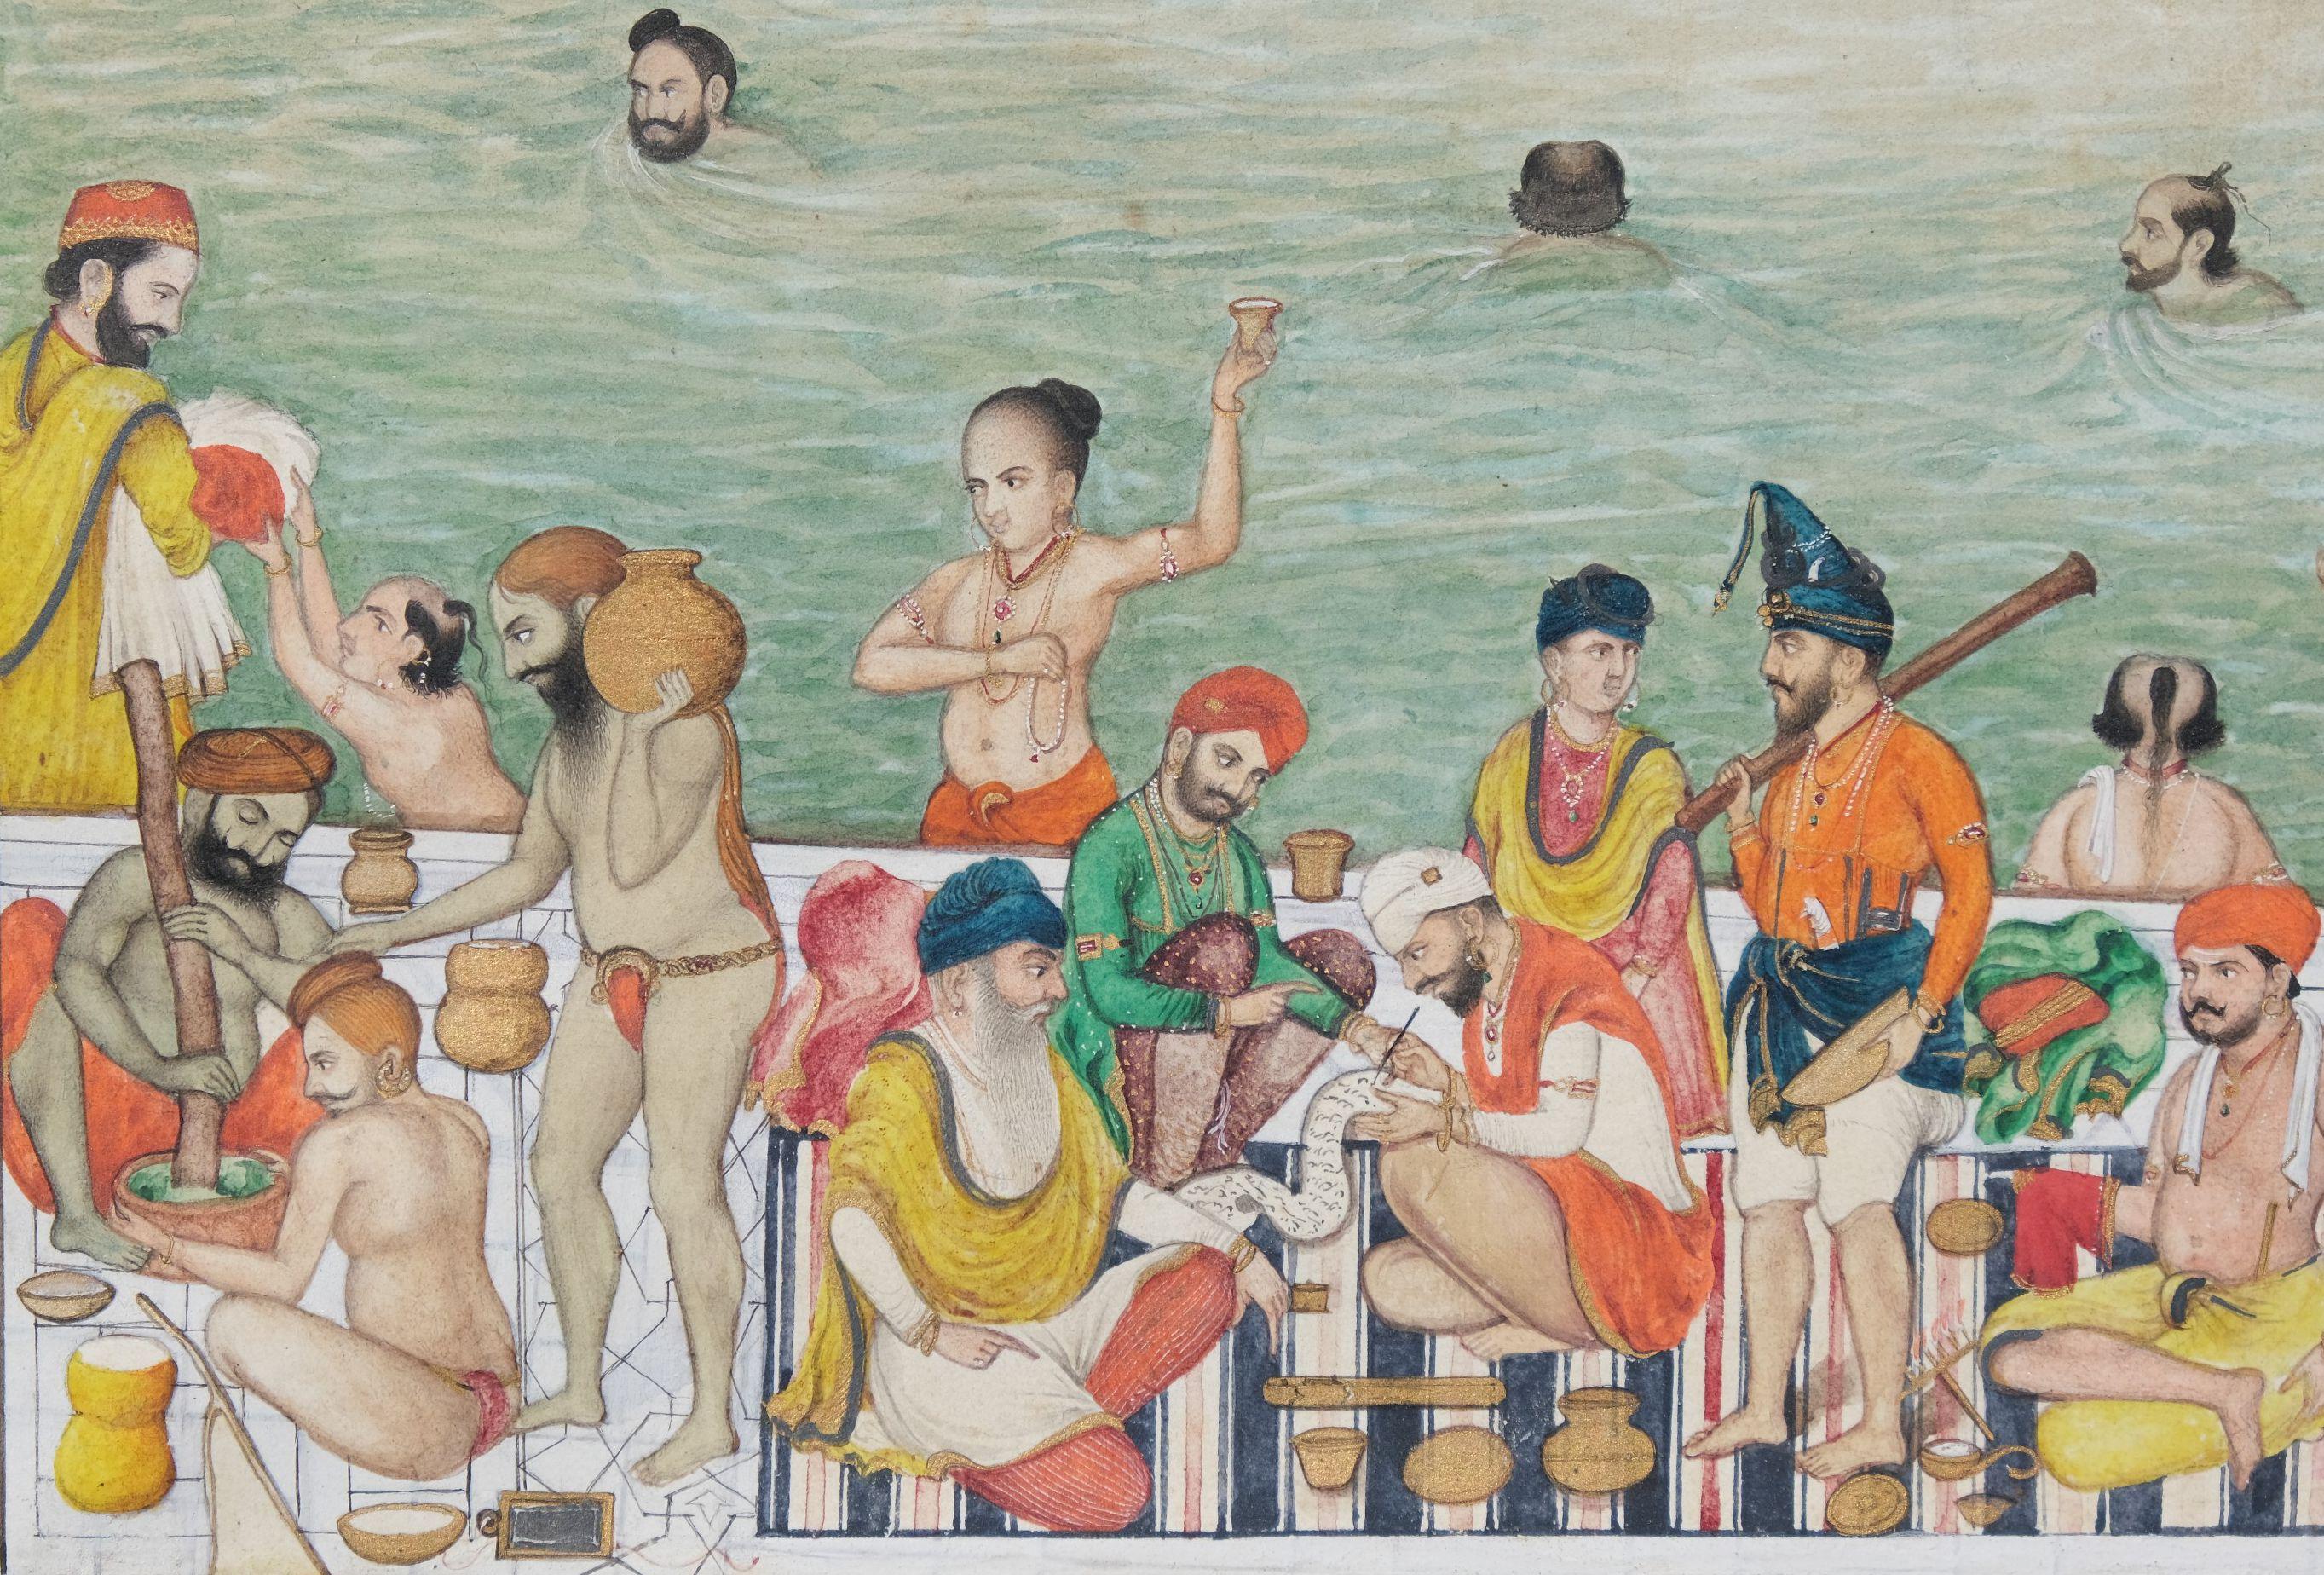 Scènes de vie au Harmandir Sahib, le Temple d'Or d'Amritsar Inde du nord, Penjab, Amritsar - Image 5 of 9